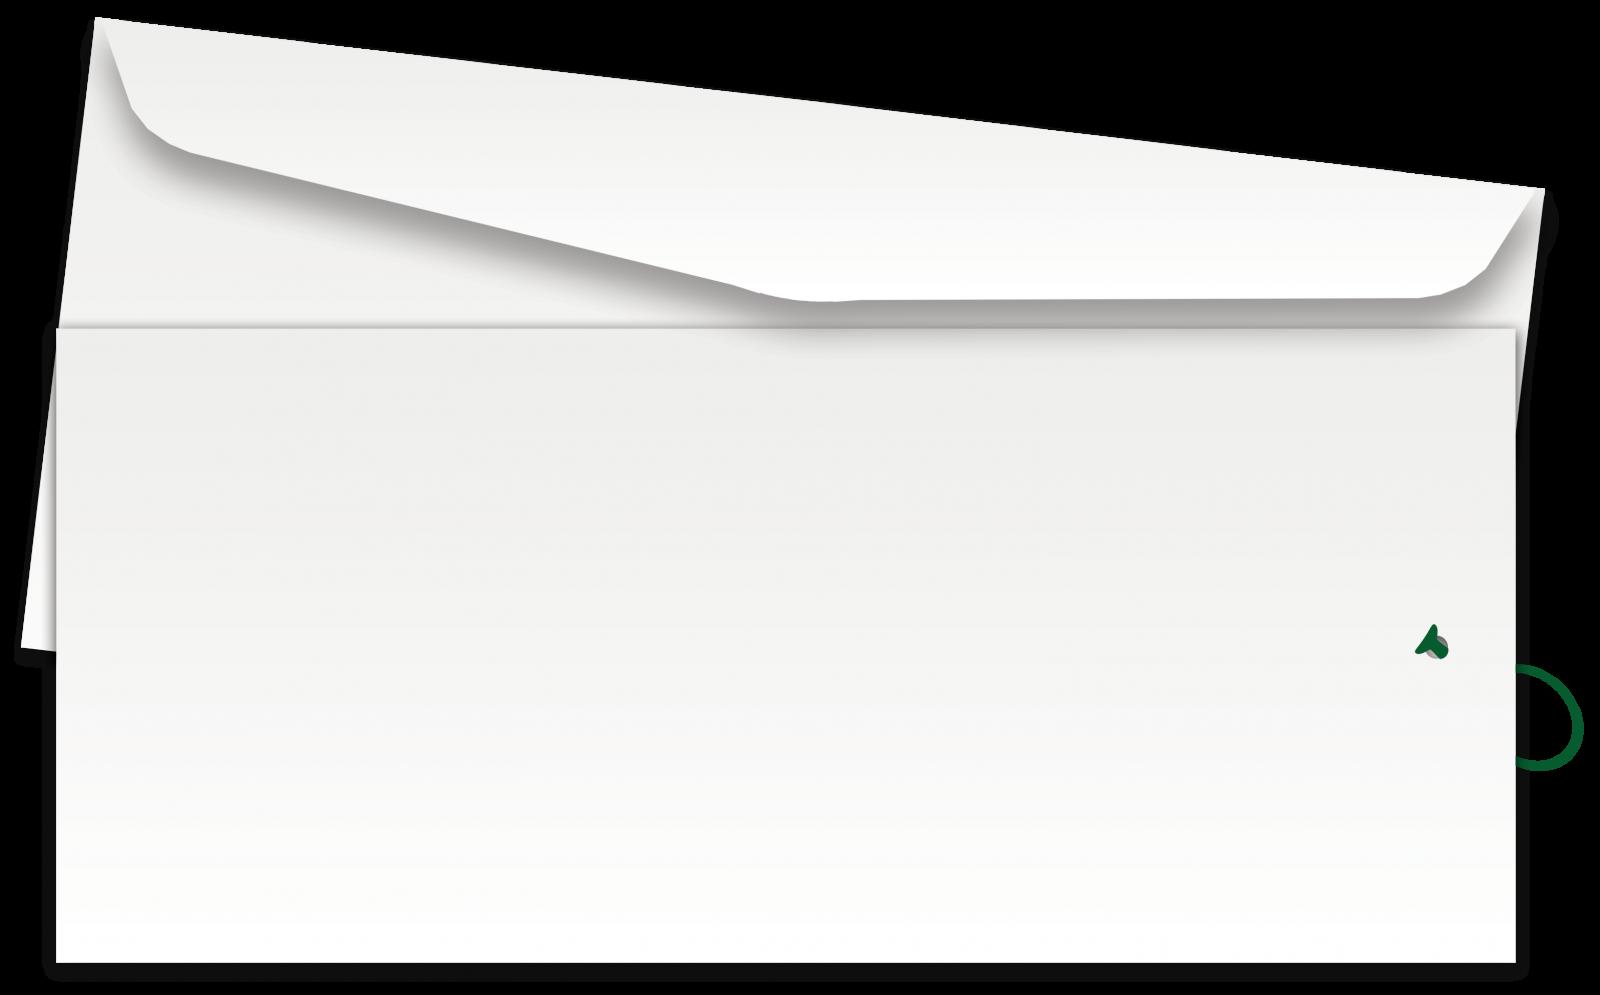 Blank door hanger envelopesor hangers envelopes blank business blank business cards with envelopes gallery card design reheart Gallery